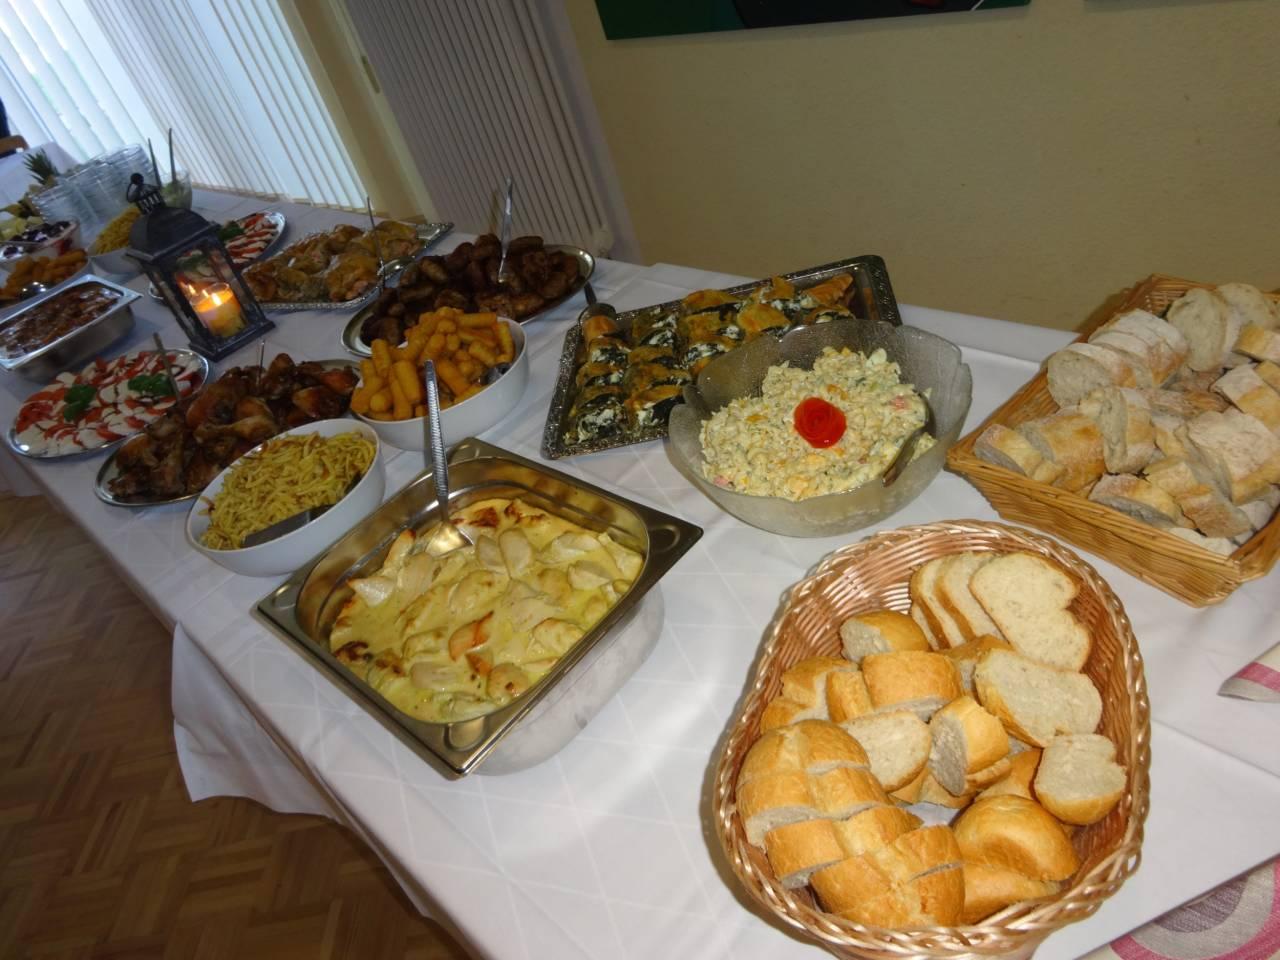 Buffet-Angebot mit Baguette, Brötchen, Auflauf, Fleischspeisen, Tomaten-Mozarella, Kroketten, Nudeln, Joghurt, Obstschale